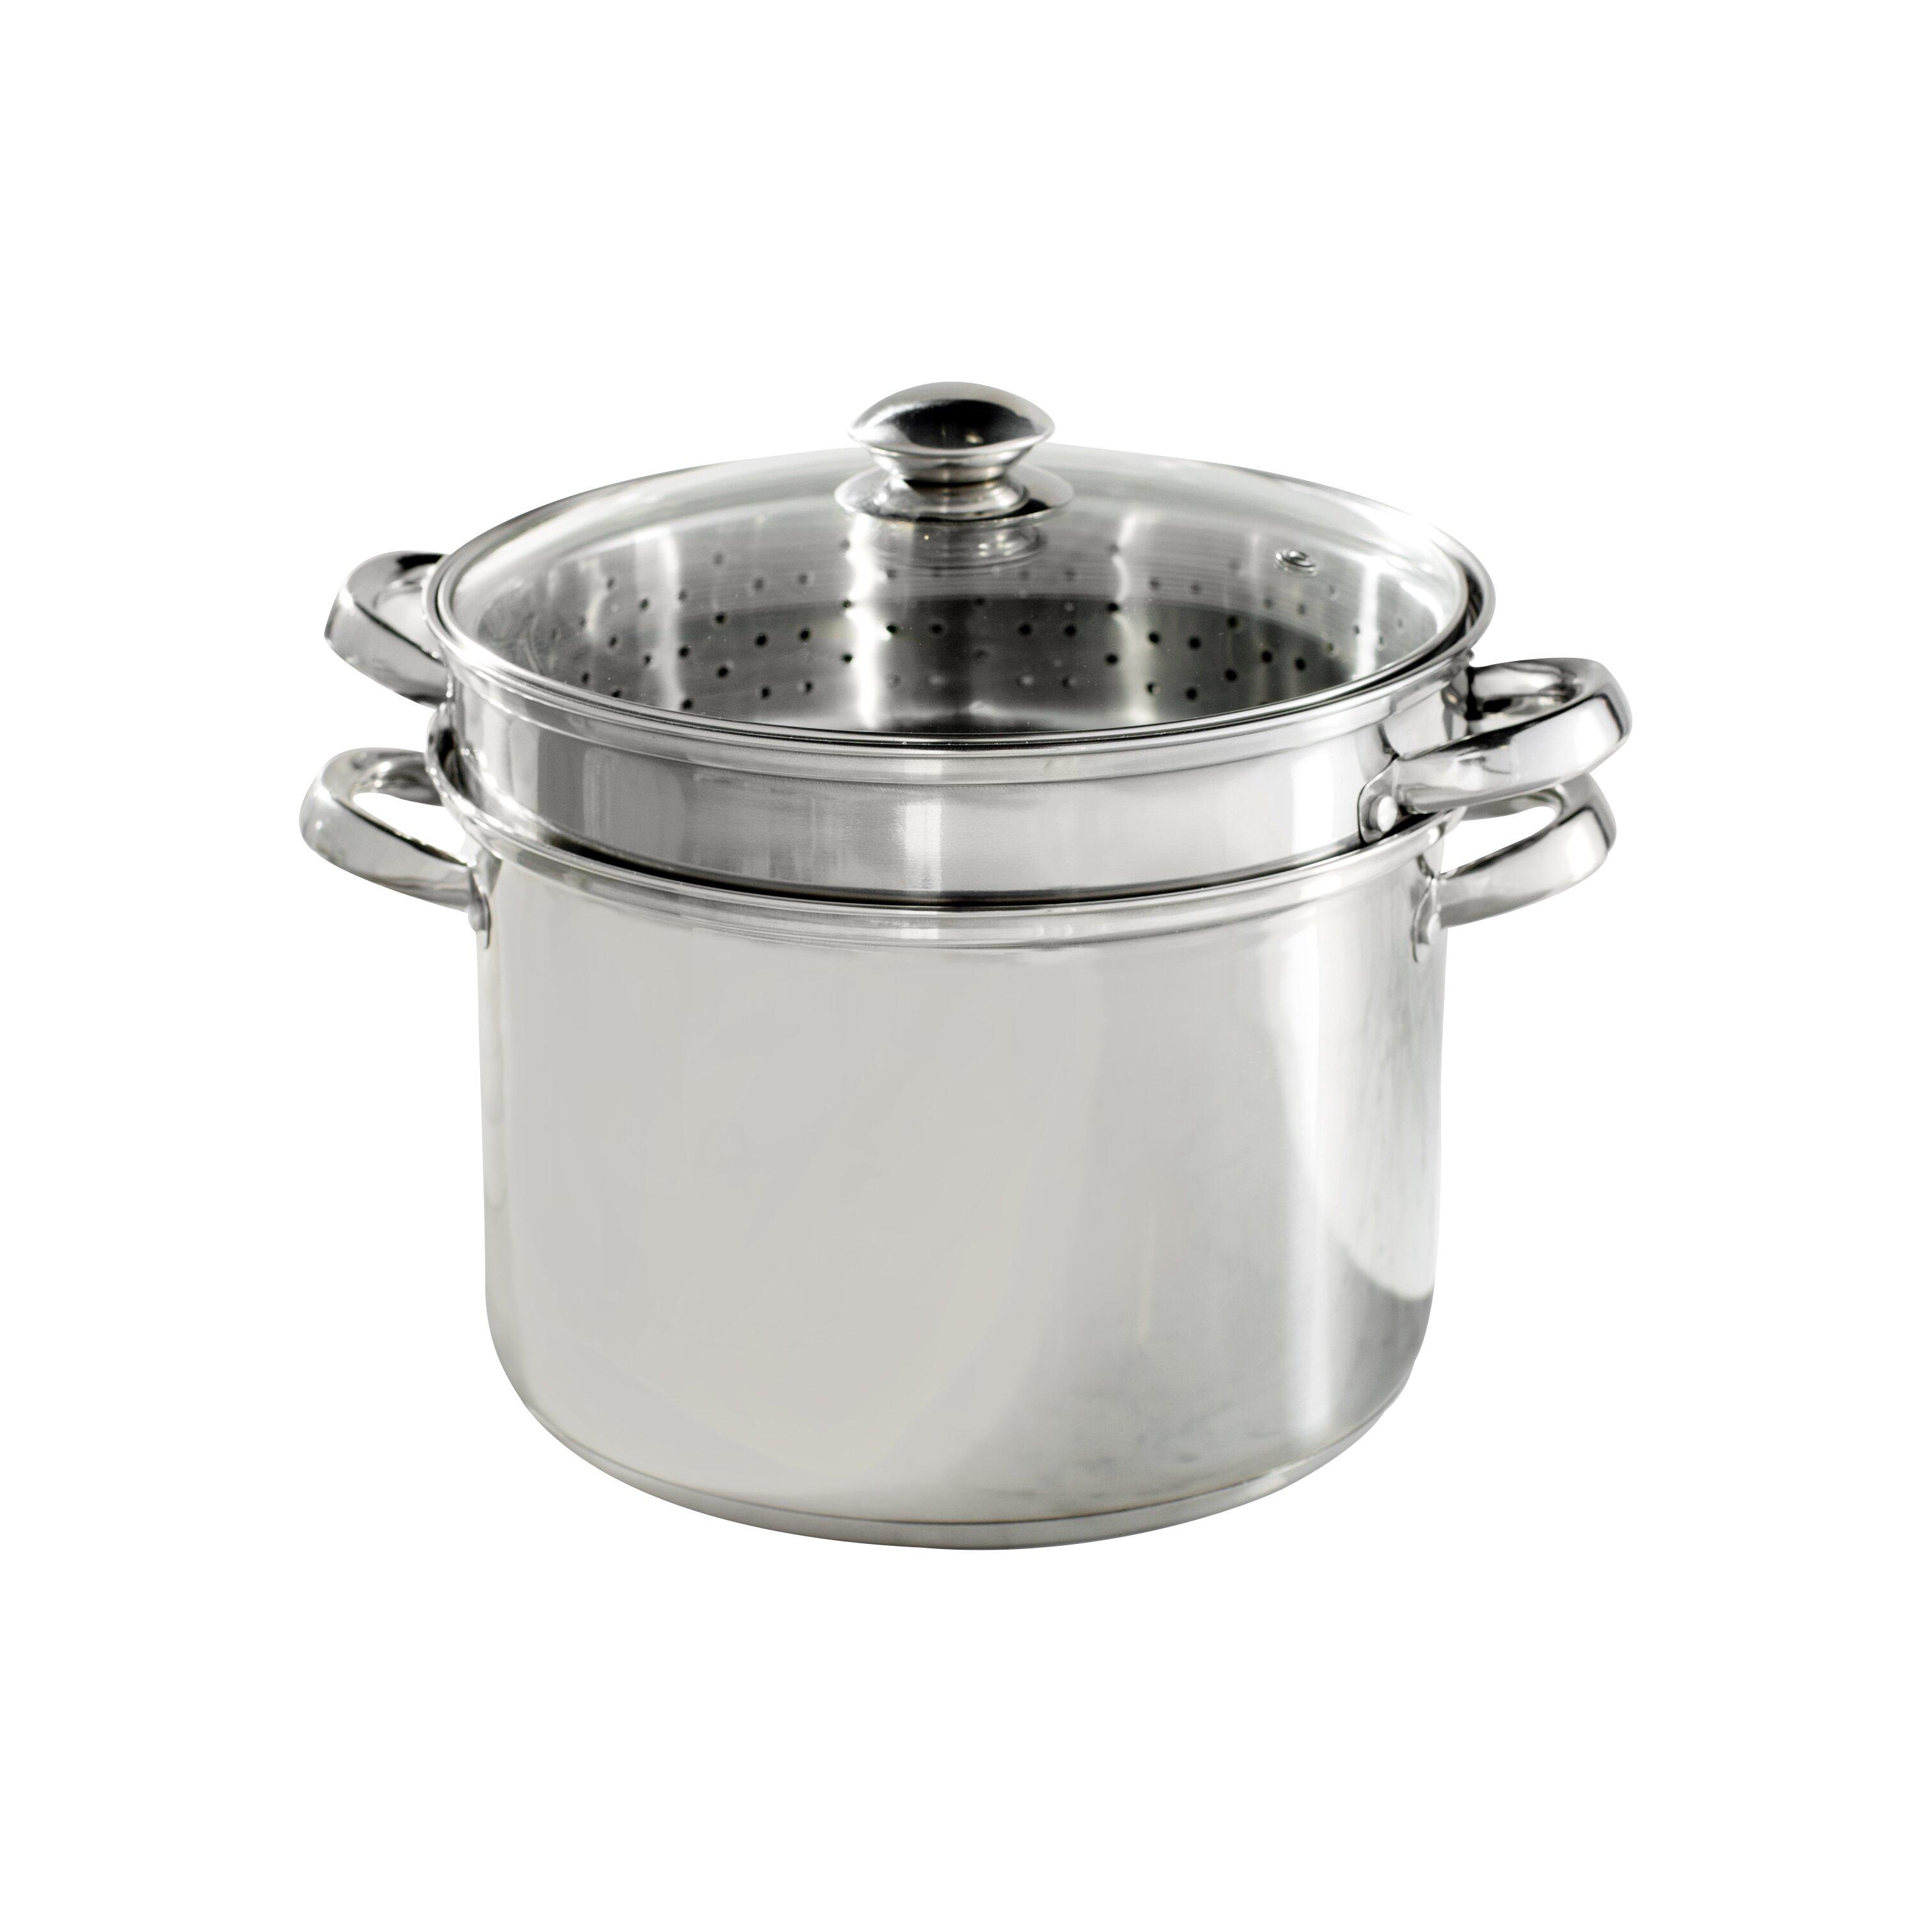 Wayfair basics wayfair basics stainless steel multi cooker for Multi cooker